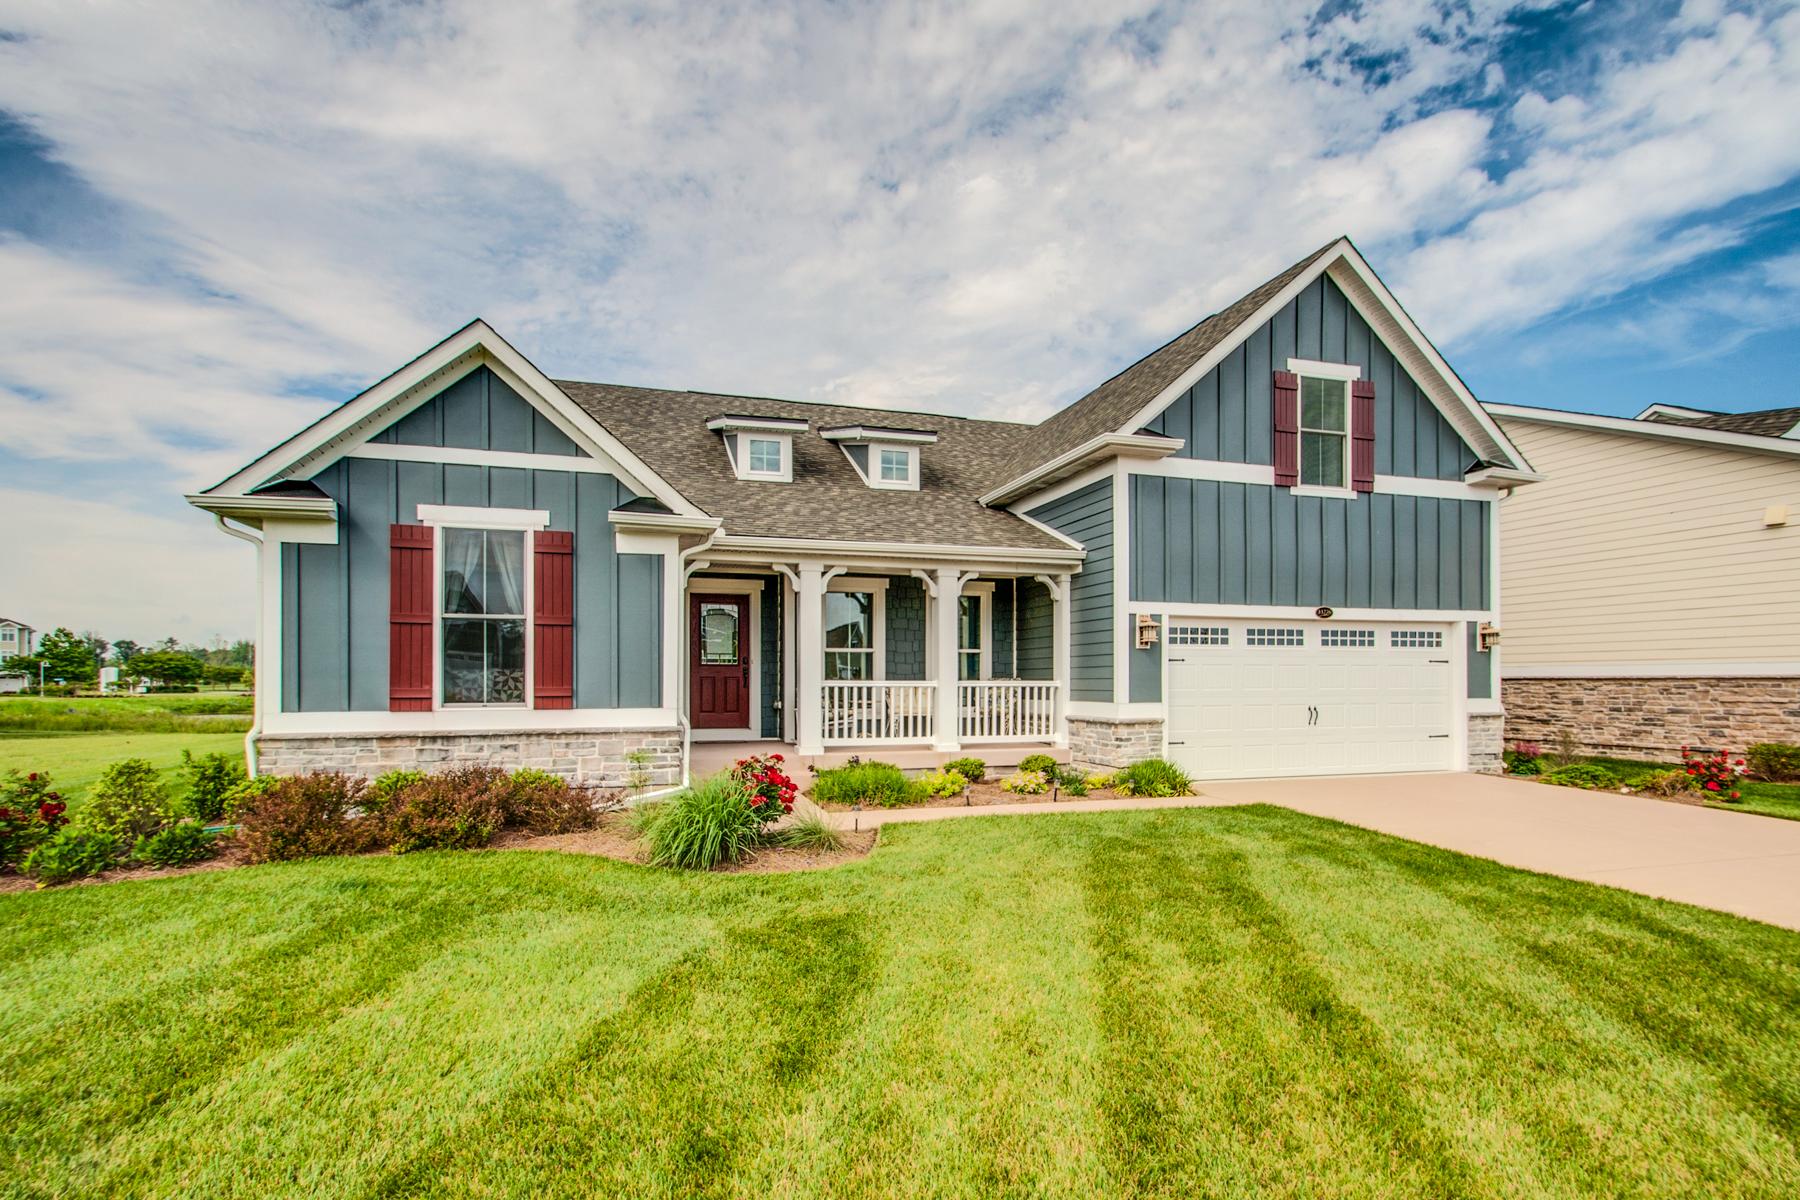 Maison unifamiliale pour l Vente à 33276 Wading Duck Drive , Millsboro, DE 19966 33276 Wading Duck Drive Millsboro, Delaware, 19966 États-Unis